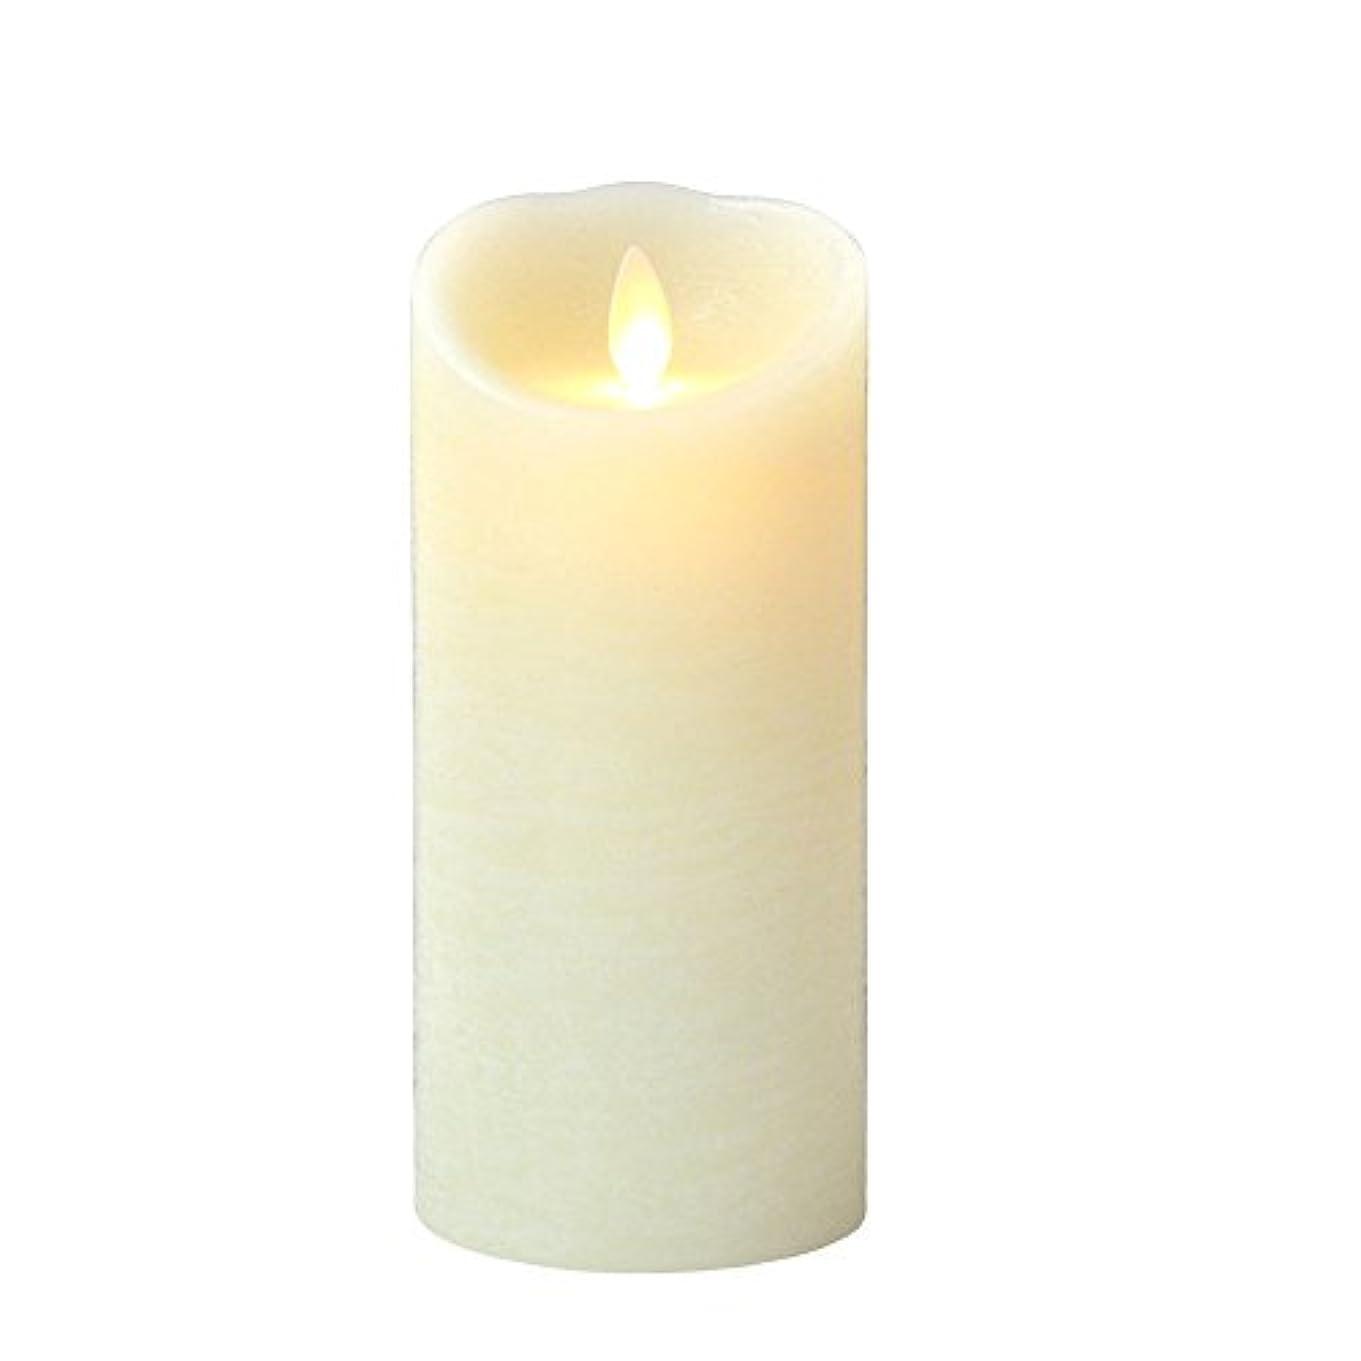 ポインタ乗って集まる癒しの香りが素敵な間接照明! LUMINARA ルミナラ ピラー3×6 ラスティク B0320-00-20 IV?オーシャンブリーズ